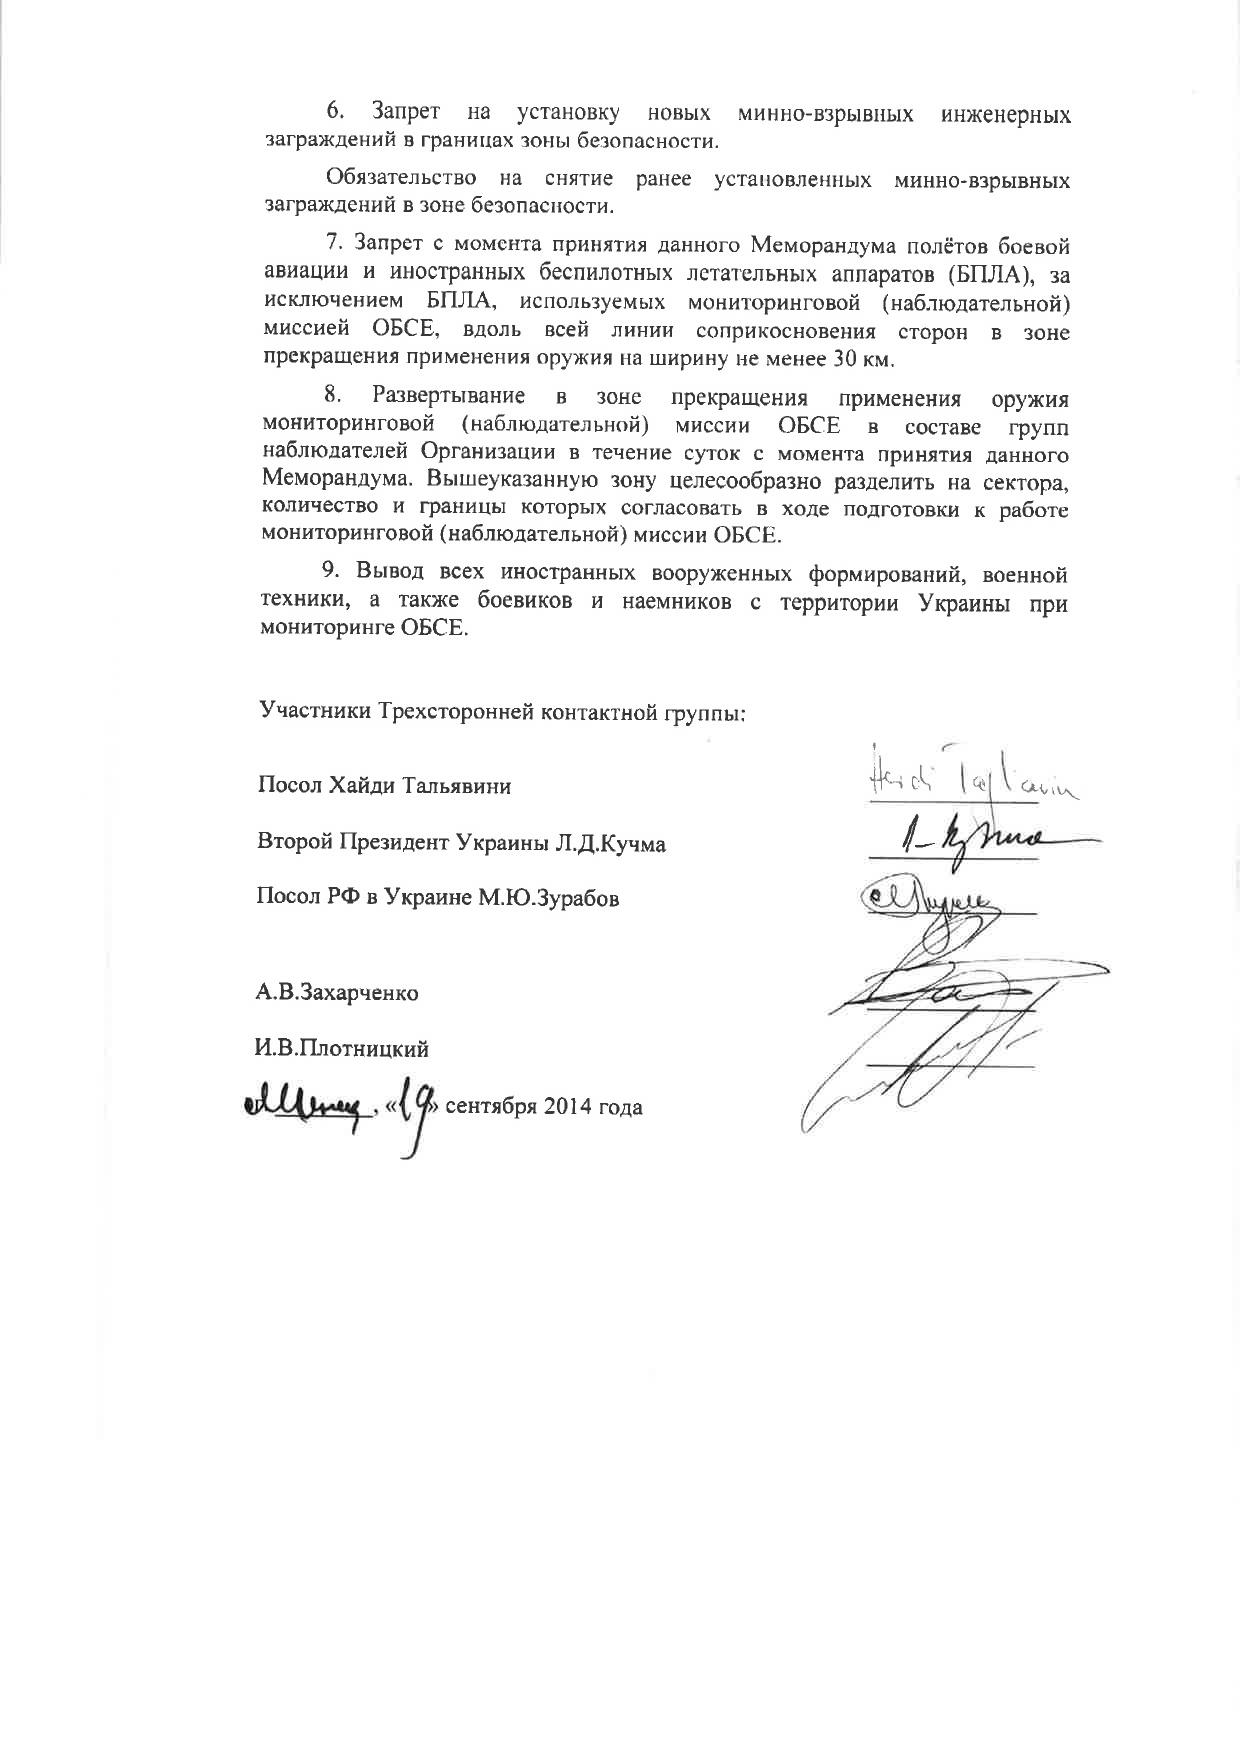 """Краматорск обстреляли из """"Смерчей"""". Стреляли целенаправленно по городу, - Селезнев - Цензор.НЕТ 6863"""